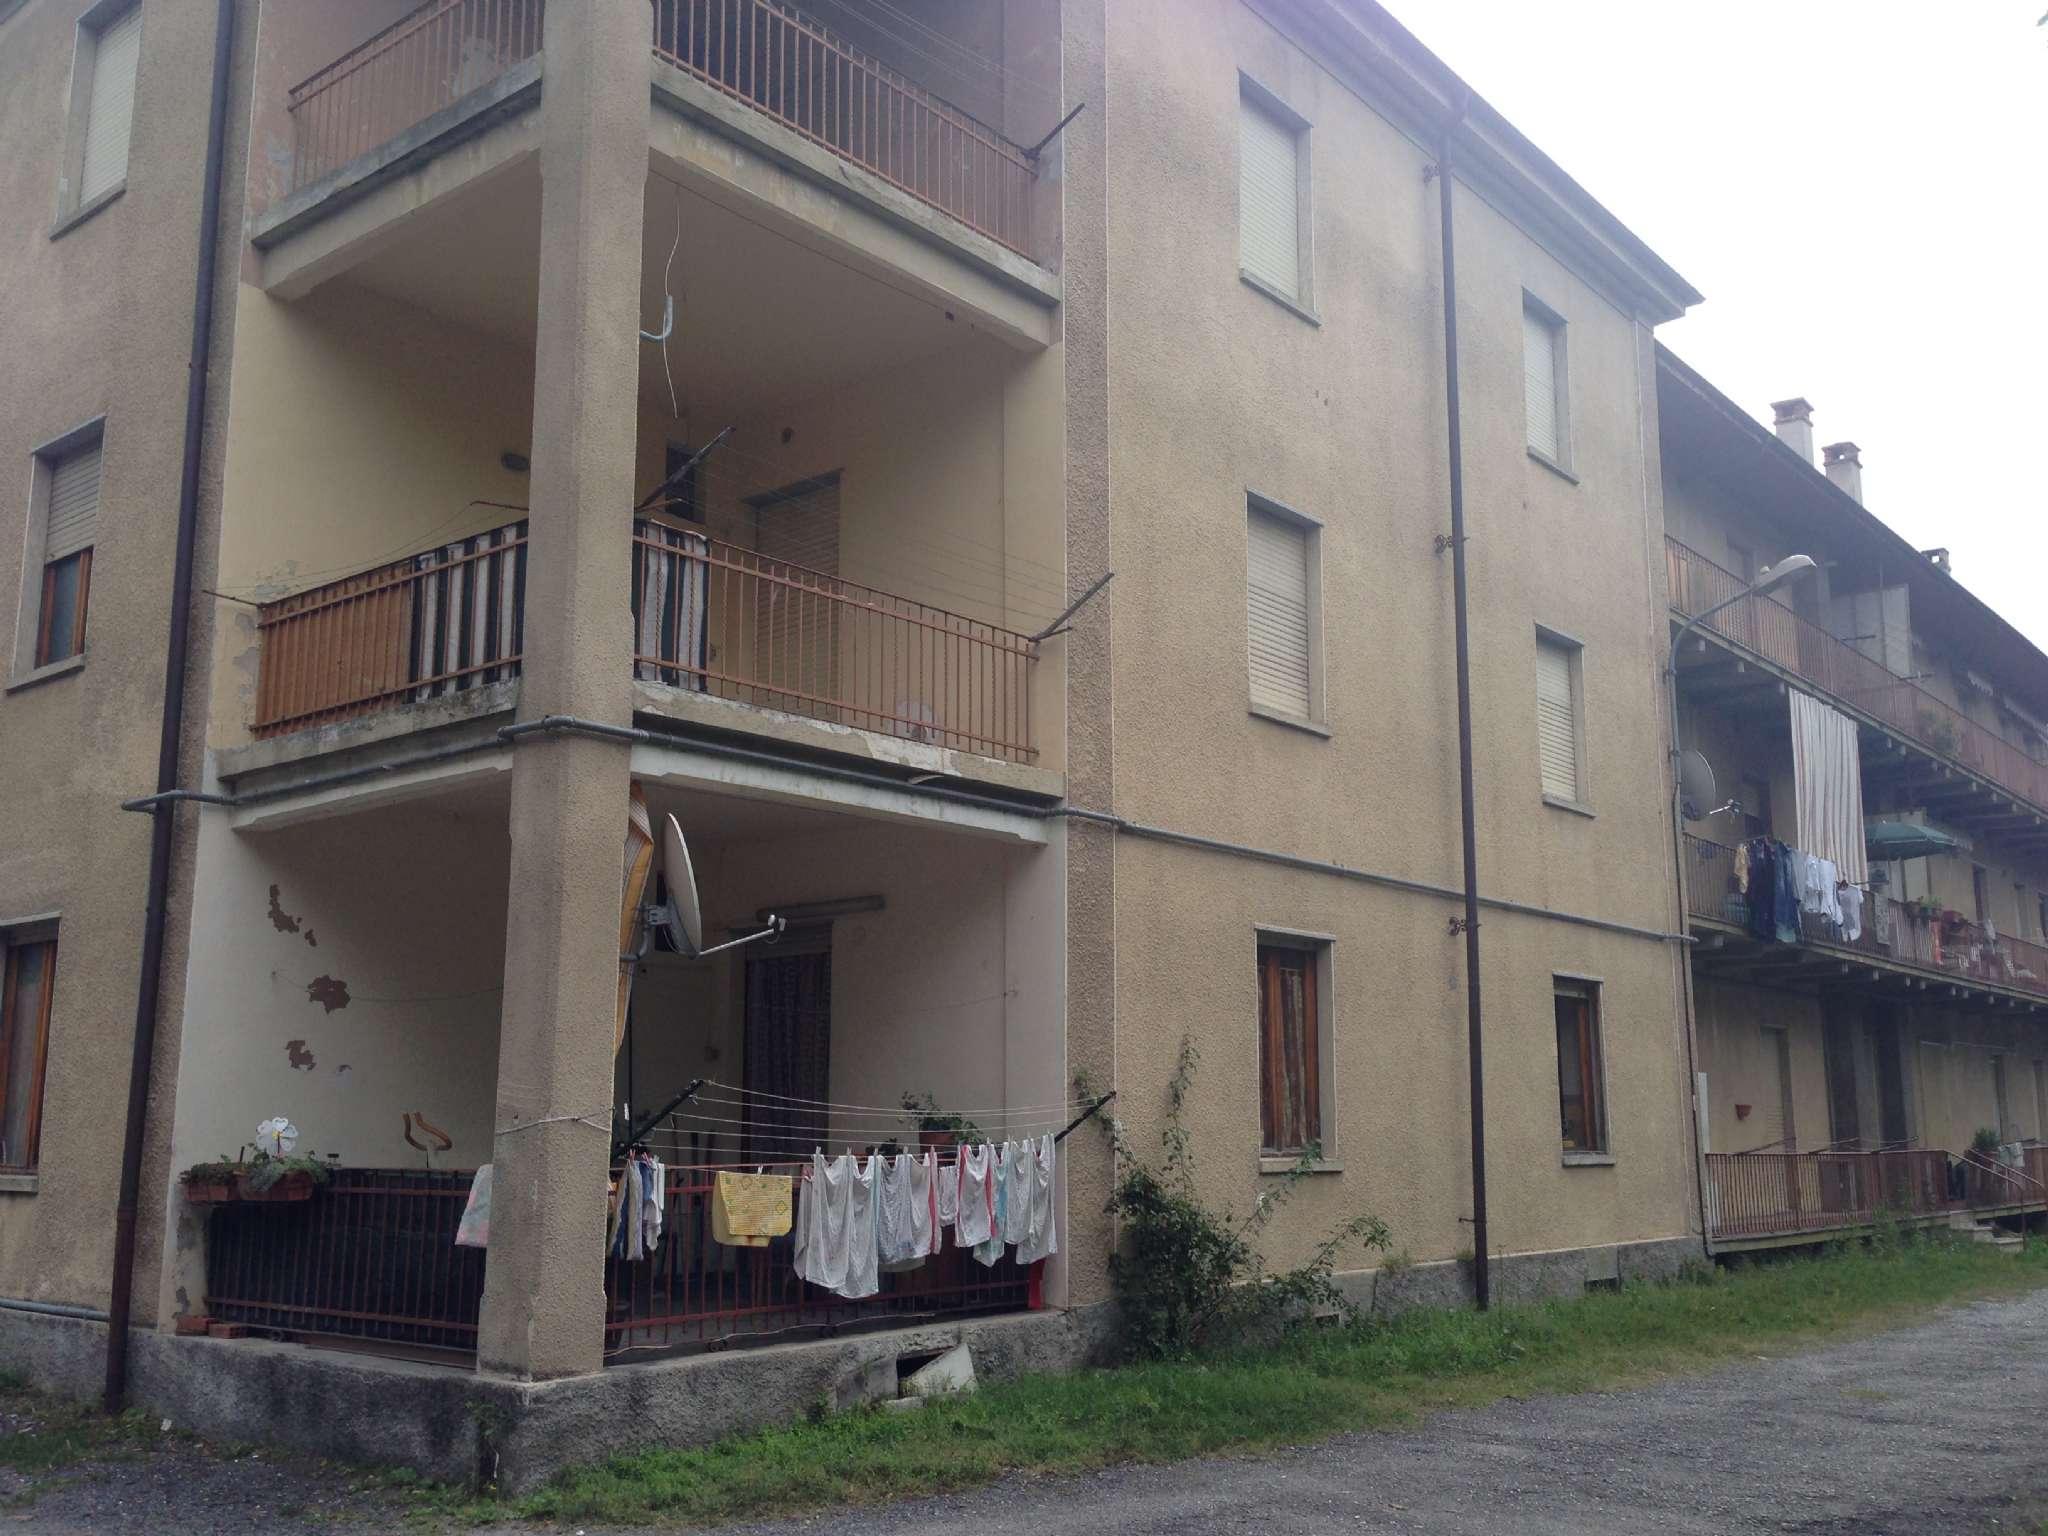 Appartamento in vendita a Chianocco, 4 locali, prezzo € 79.000 | CambioCasa.it